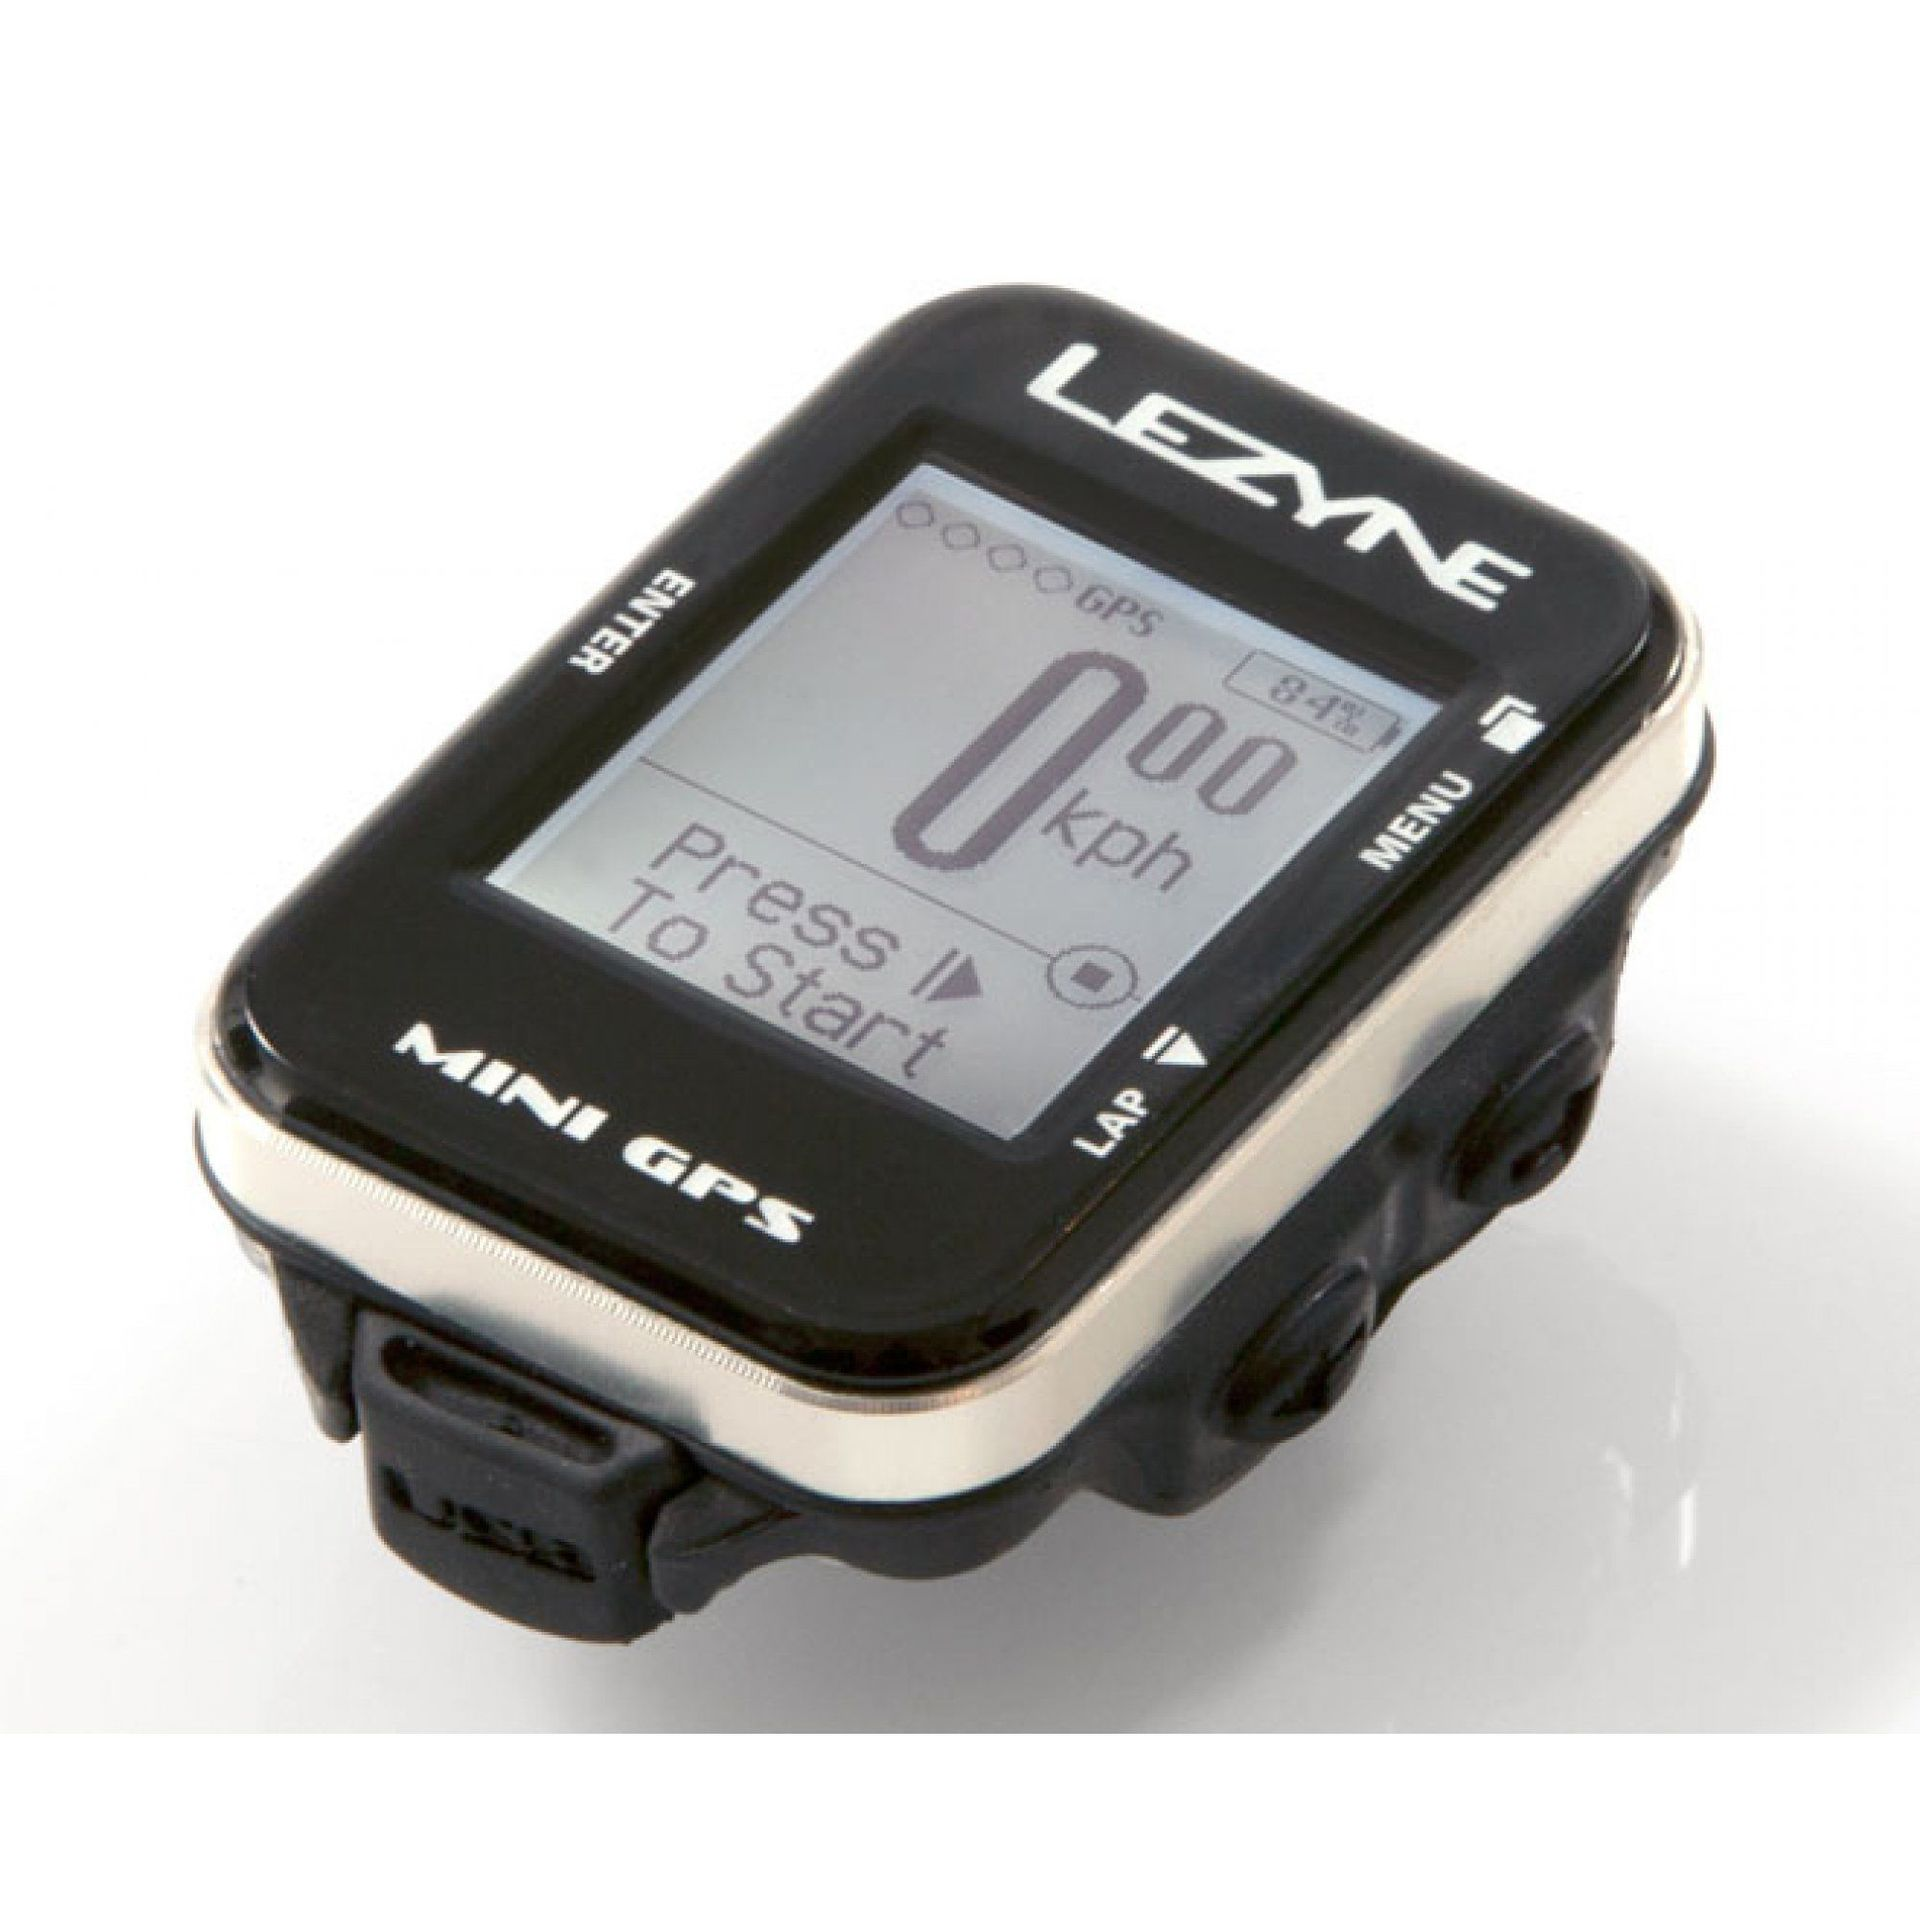 LICZNIK ROWEROWY LEZYNE MINI GPS CZARNY 2